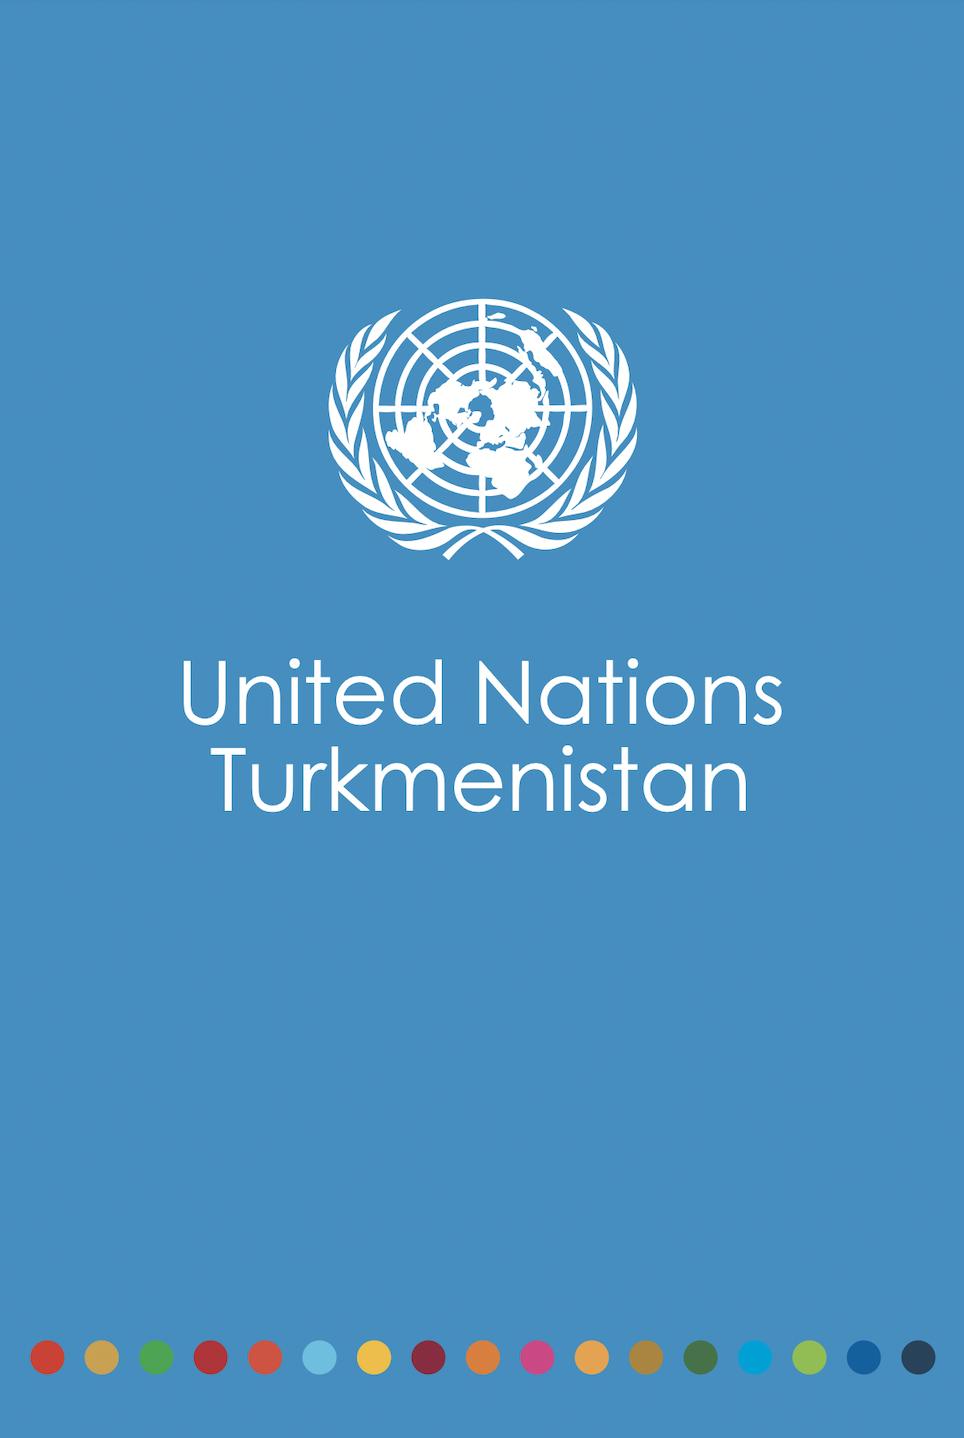 Türkmenistanda Birleşen Milletler Guramasy